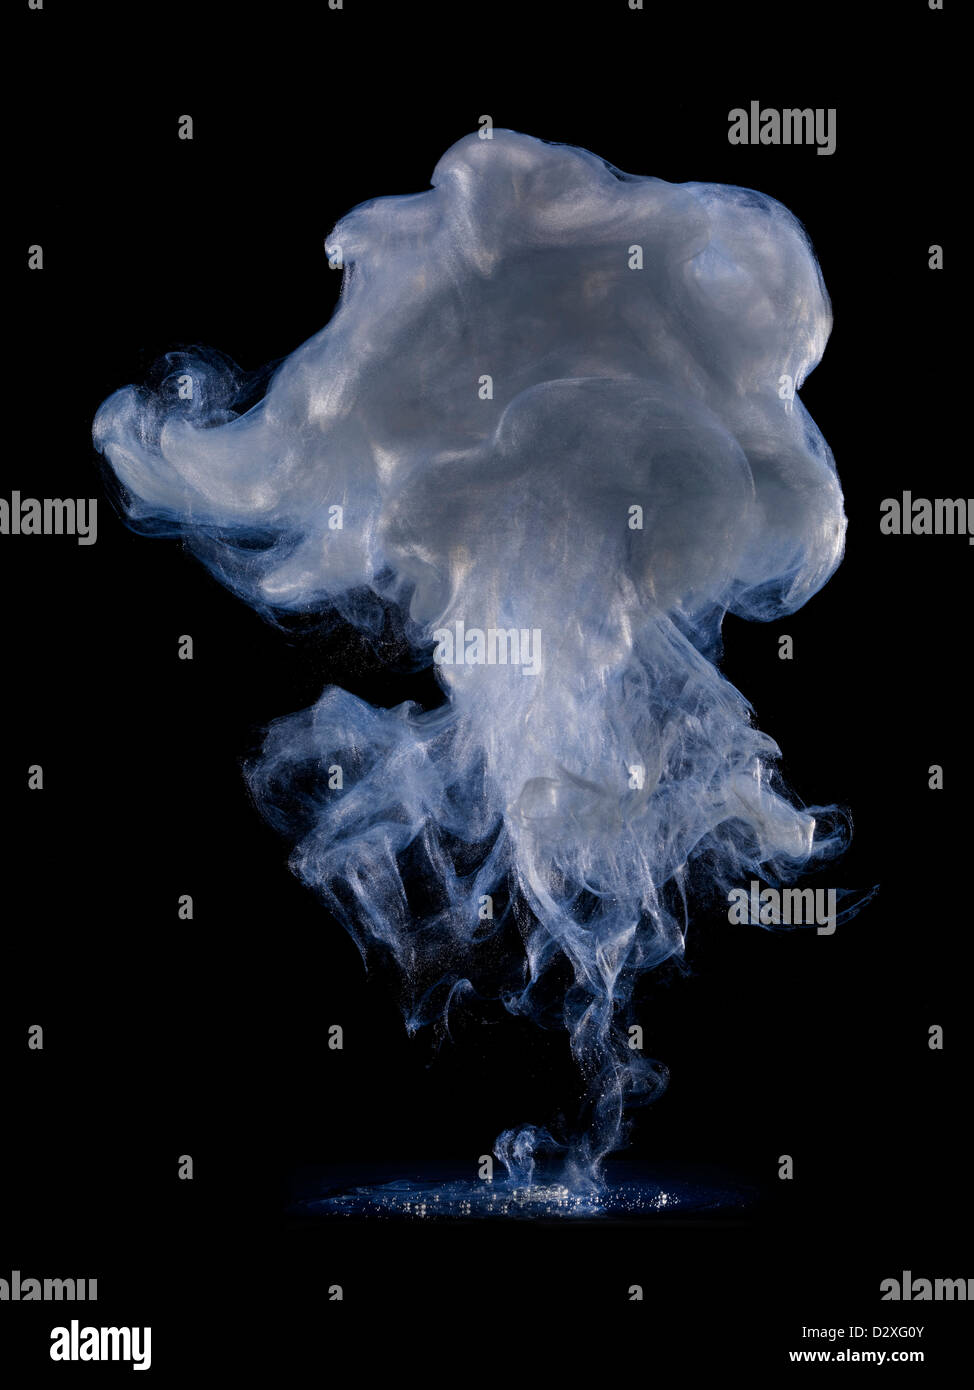 La nube de humo azul y gris Imagen De Stock